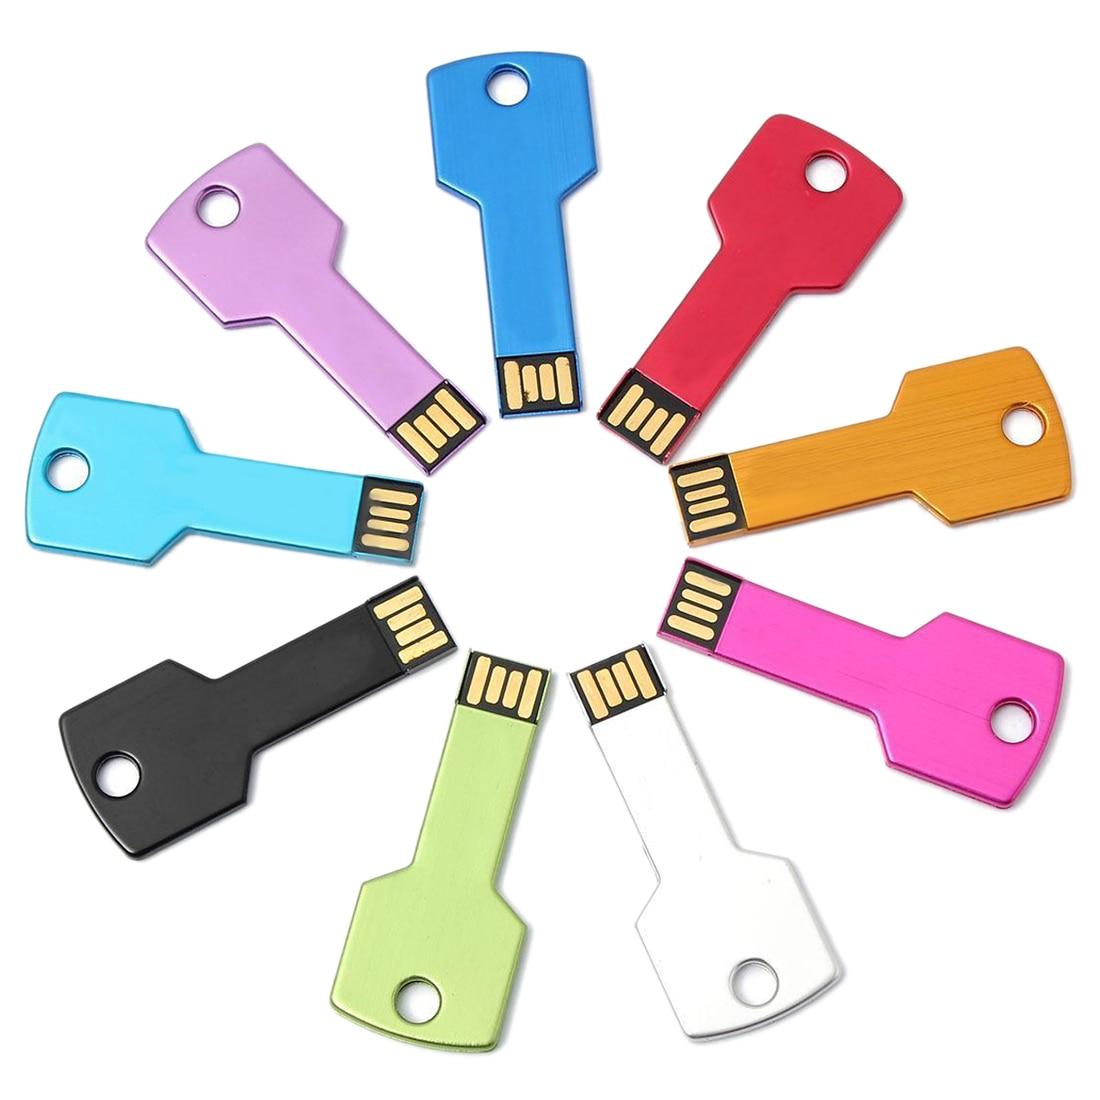 Metal Key USB Thumb Storage Memory Stick Flash Drive 1GB U Disk